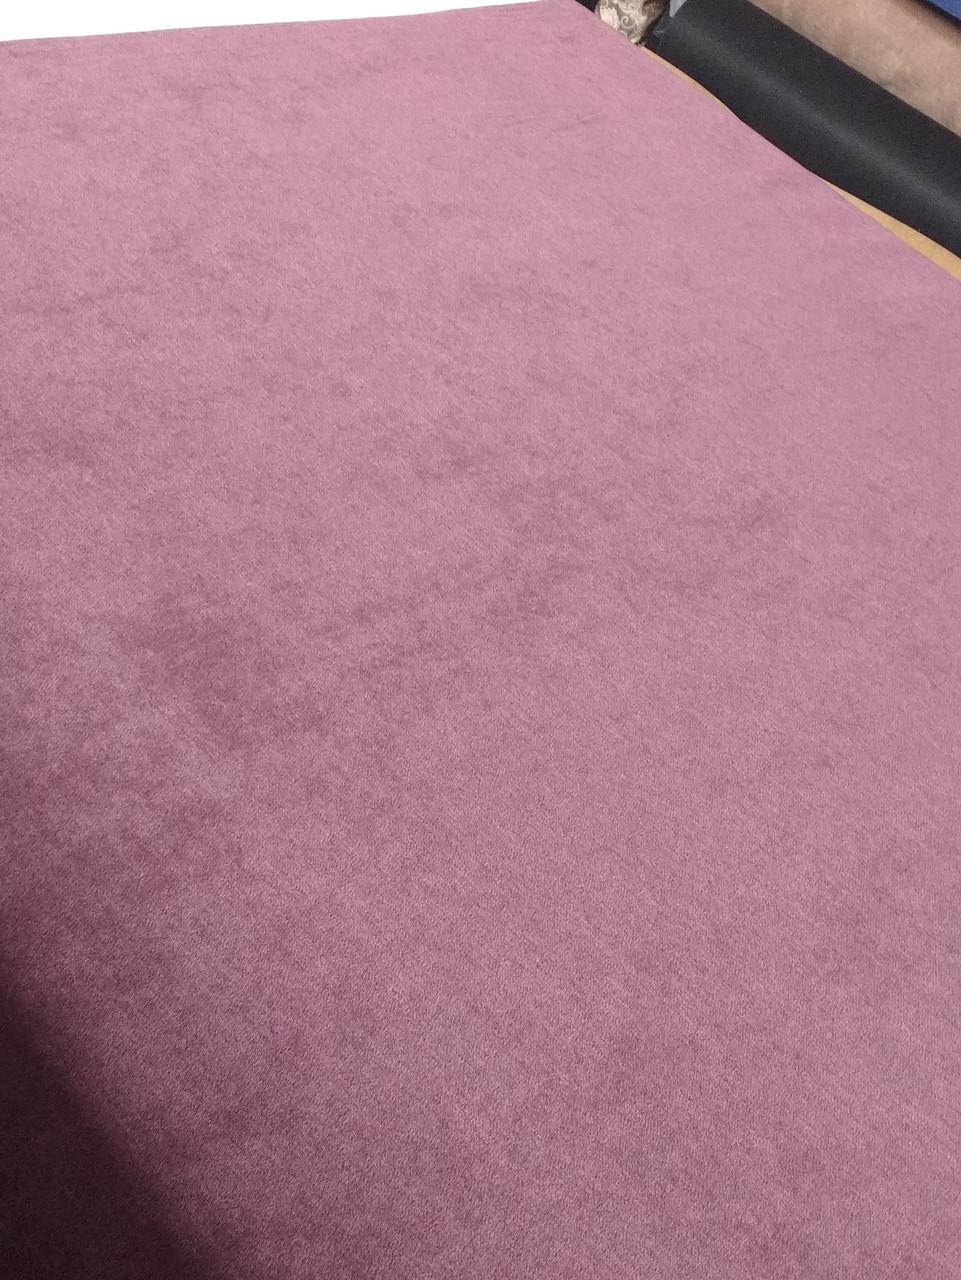 Ткань для обивки дивана недорогая и плотная Оскар 18